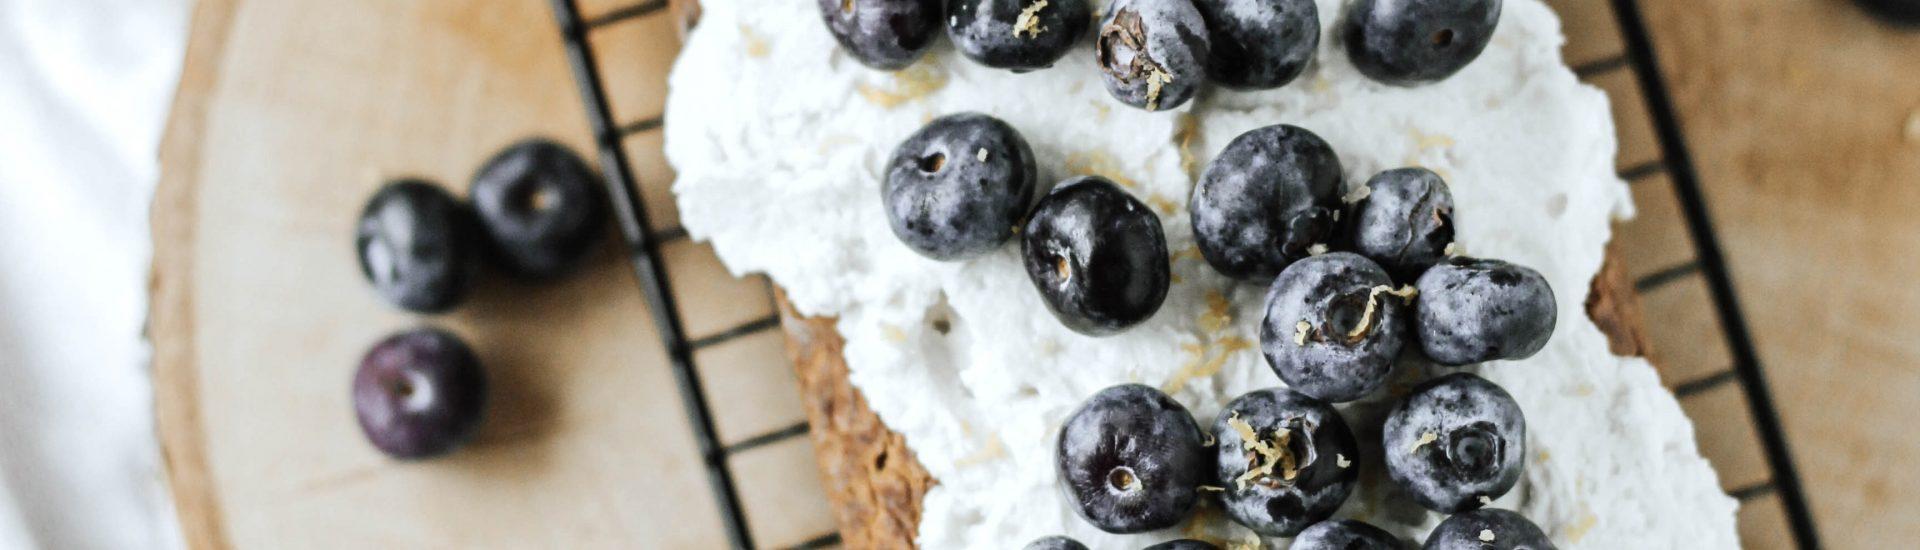 courgette citroen cake met blauwe bessen